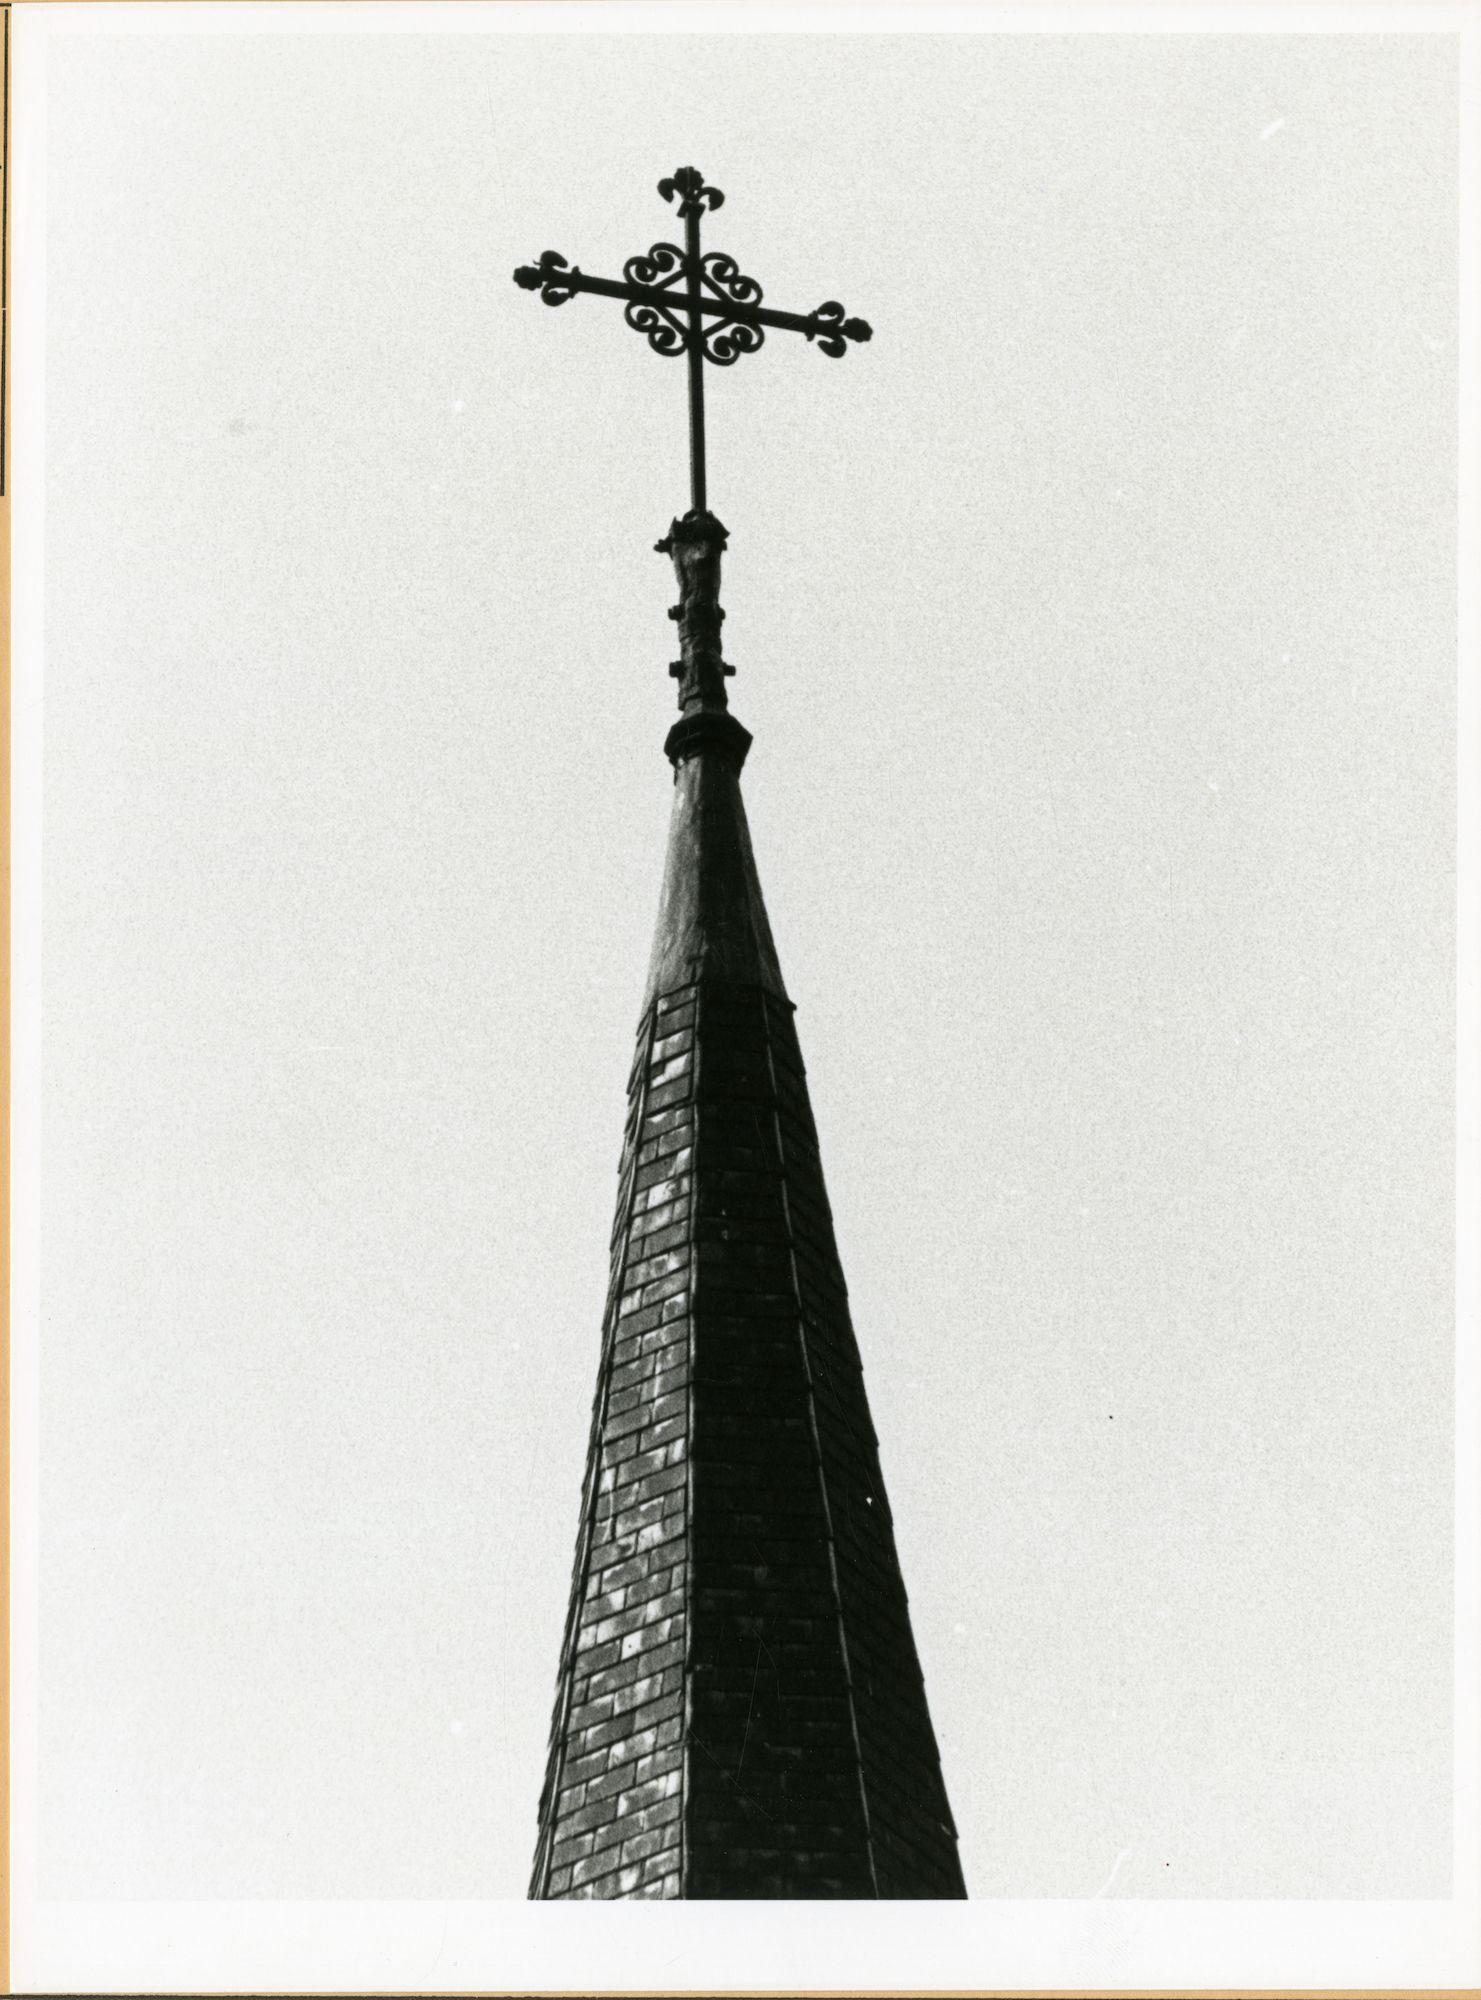 Gent: Jozef Kluyskensstraat: Toren, 1979